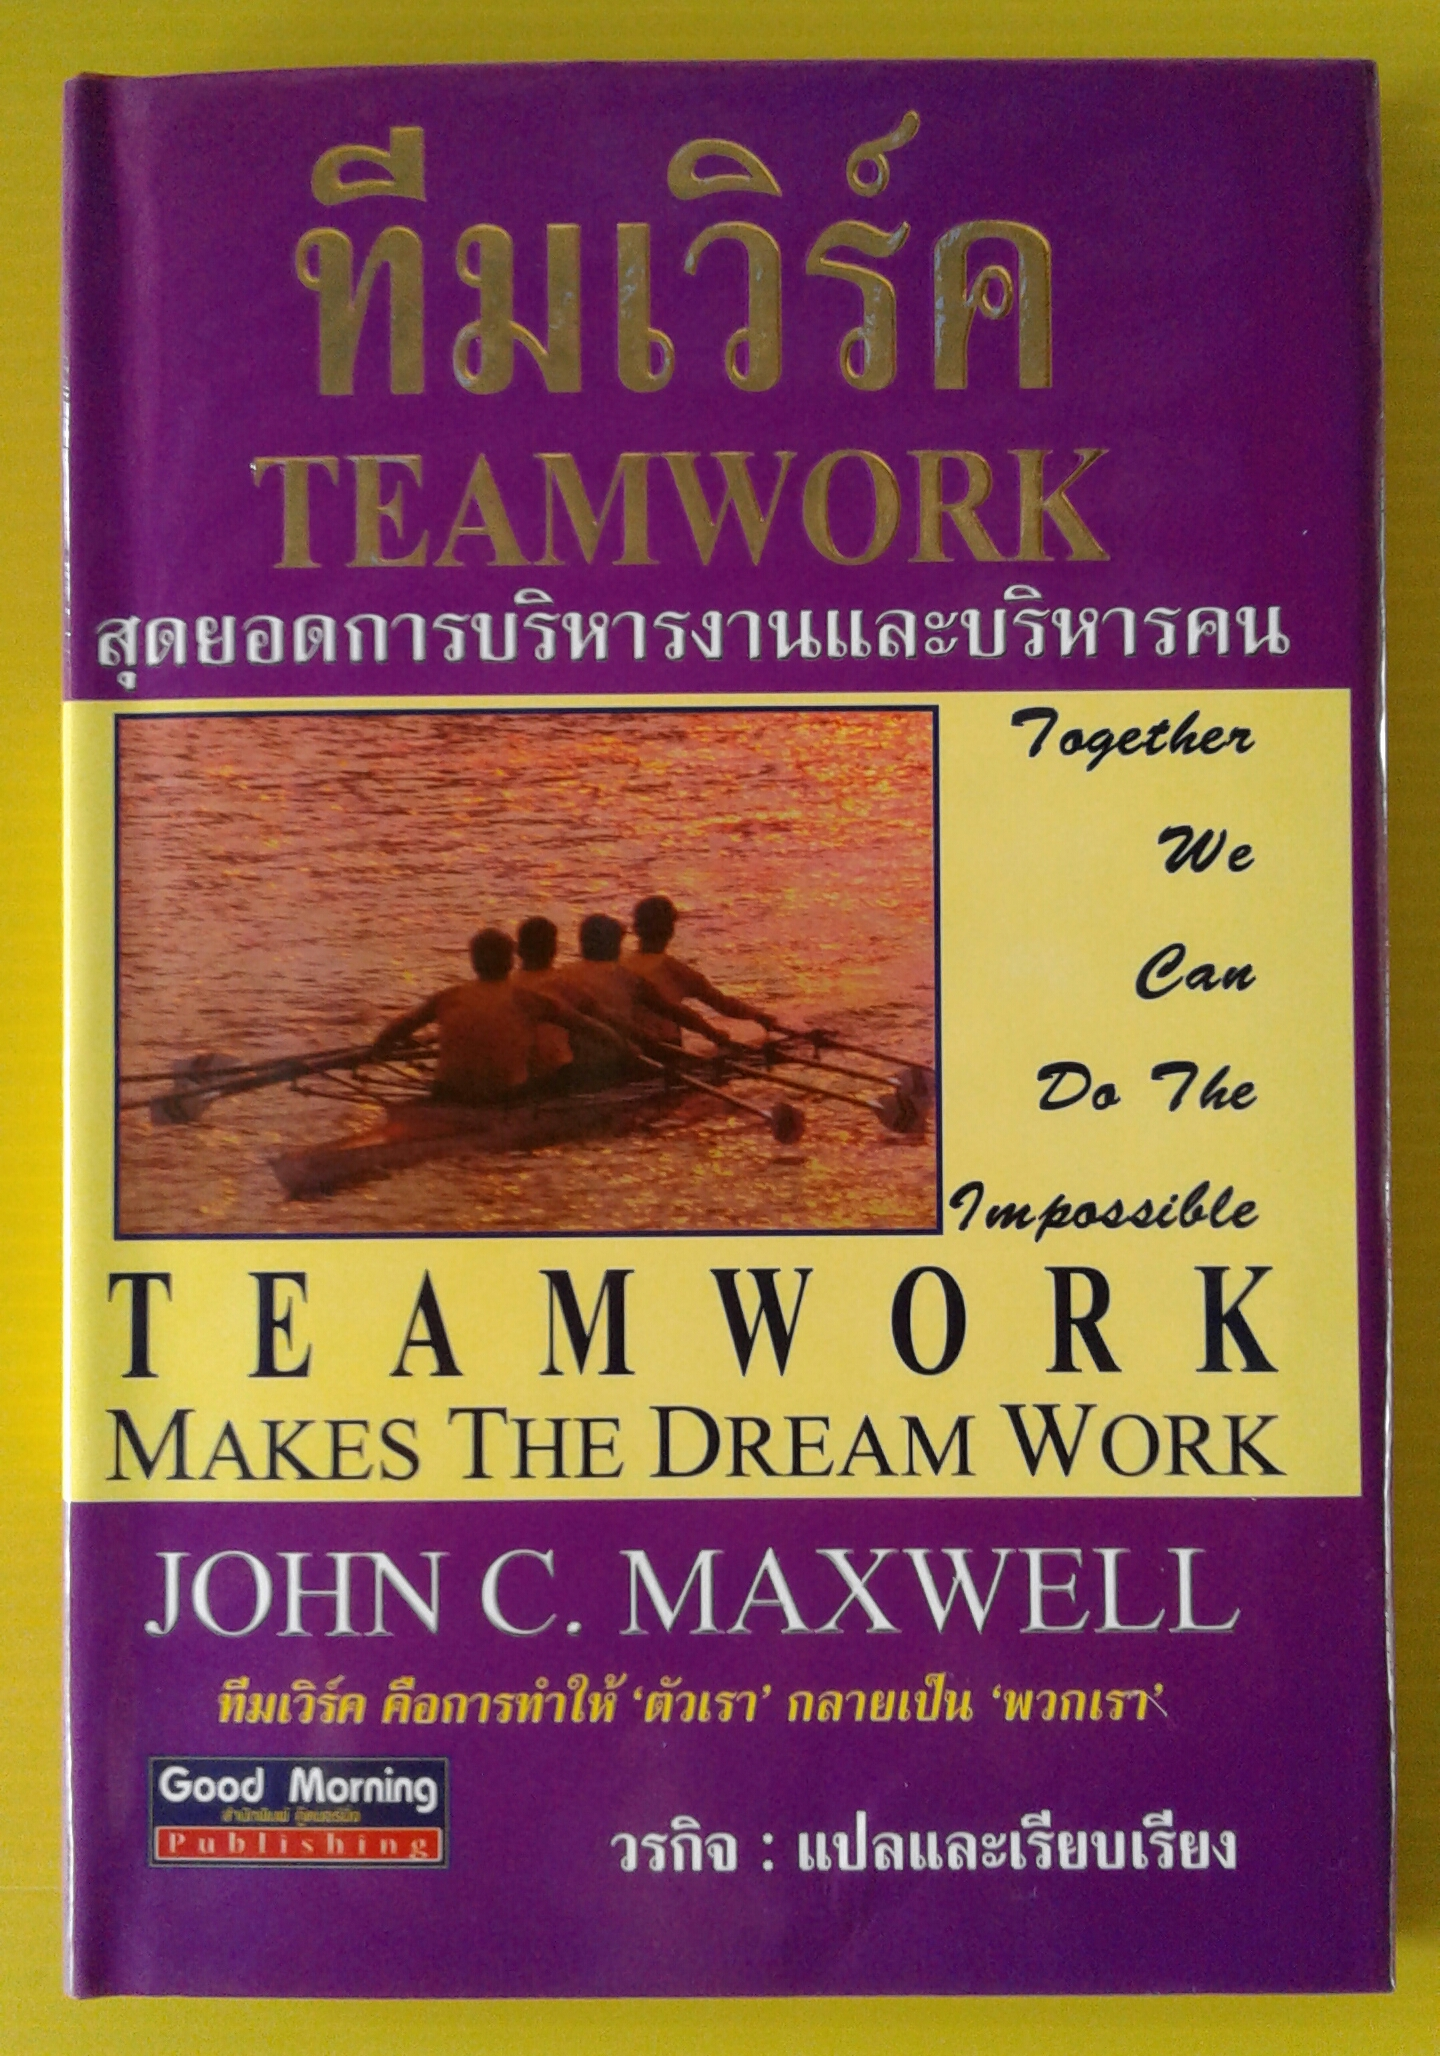 ทีมเวิร์ค Teamwork สุดยอดการบริหารงานและบริหารคน